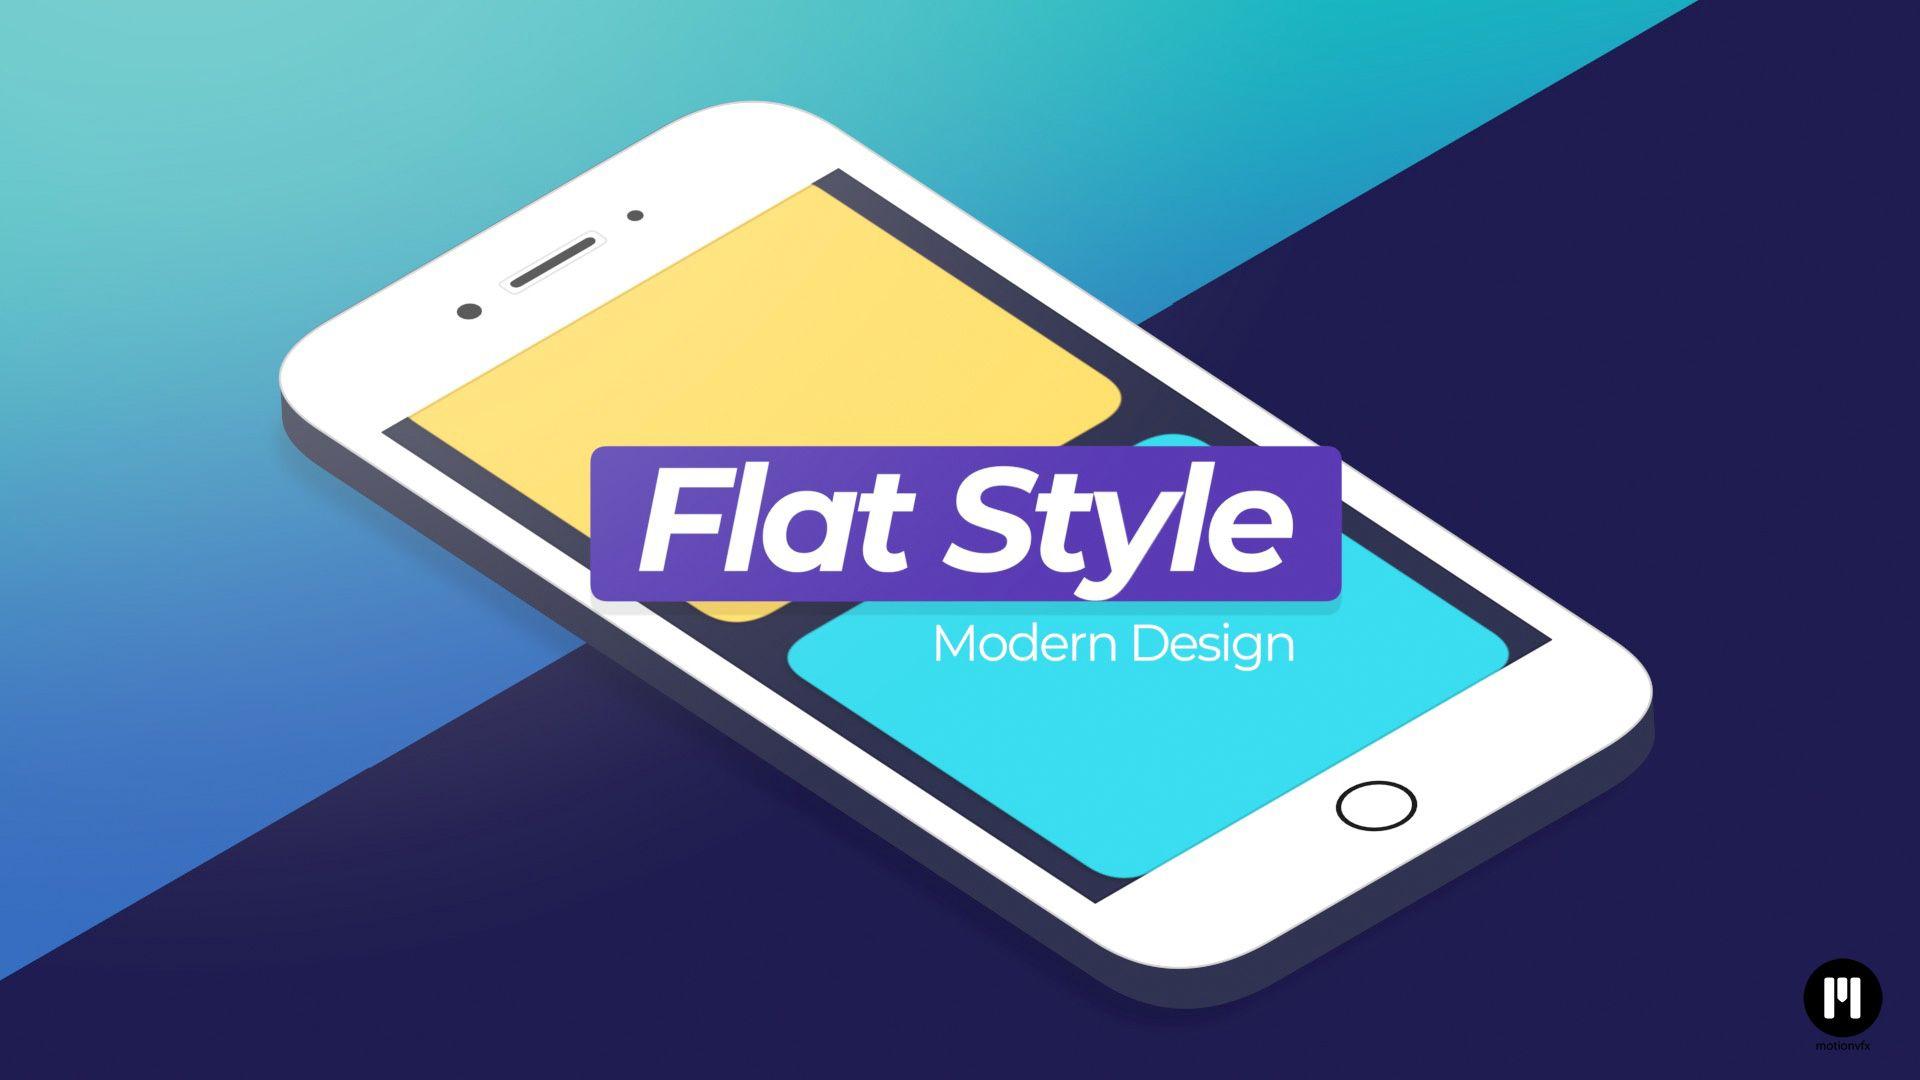 Flat Design Smartphone APPLE MOTION TEMPLATE arrived - www.motionvfx.com/N2329 #FCPX #Motion5 #AppleMotion #FinalCutProX #V… | Design. Motion 5 ...